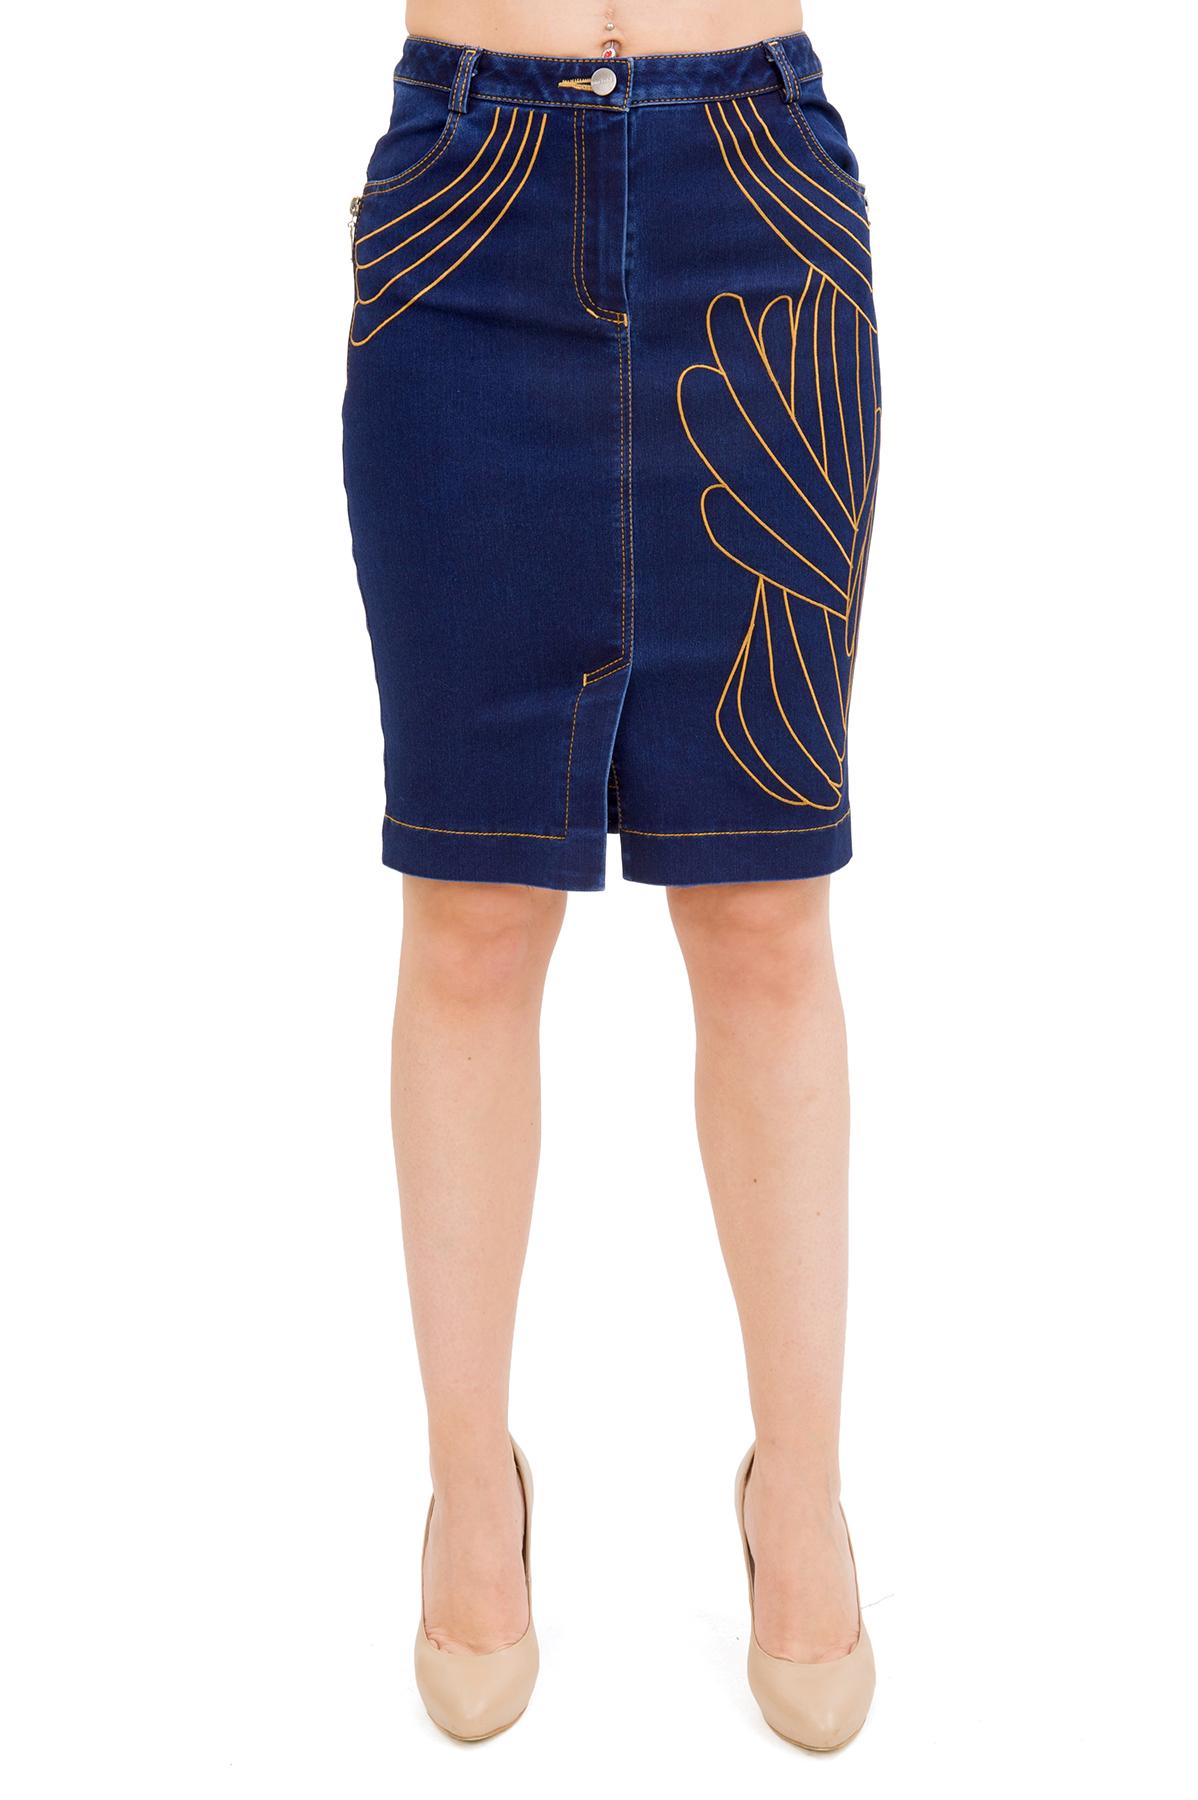 ЮбкаЖенские юбки и брюки<br>Стильная юбка актуальной длины  для ярких и уверенных в своей неотразимости женщин. Изделие прекрасно сочетается со многими элементами гардероба.<br><br>Цвет: синий<br>Состав: 76% хлопок, 21% полиэстер, 3% лайкра<br>Размер: 40,42,44<br>Страна дизайна: Россия<br>Страна производства: Россия